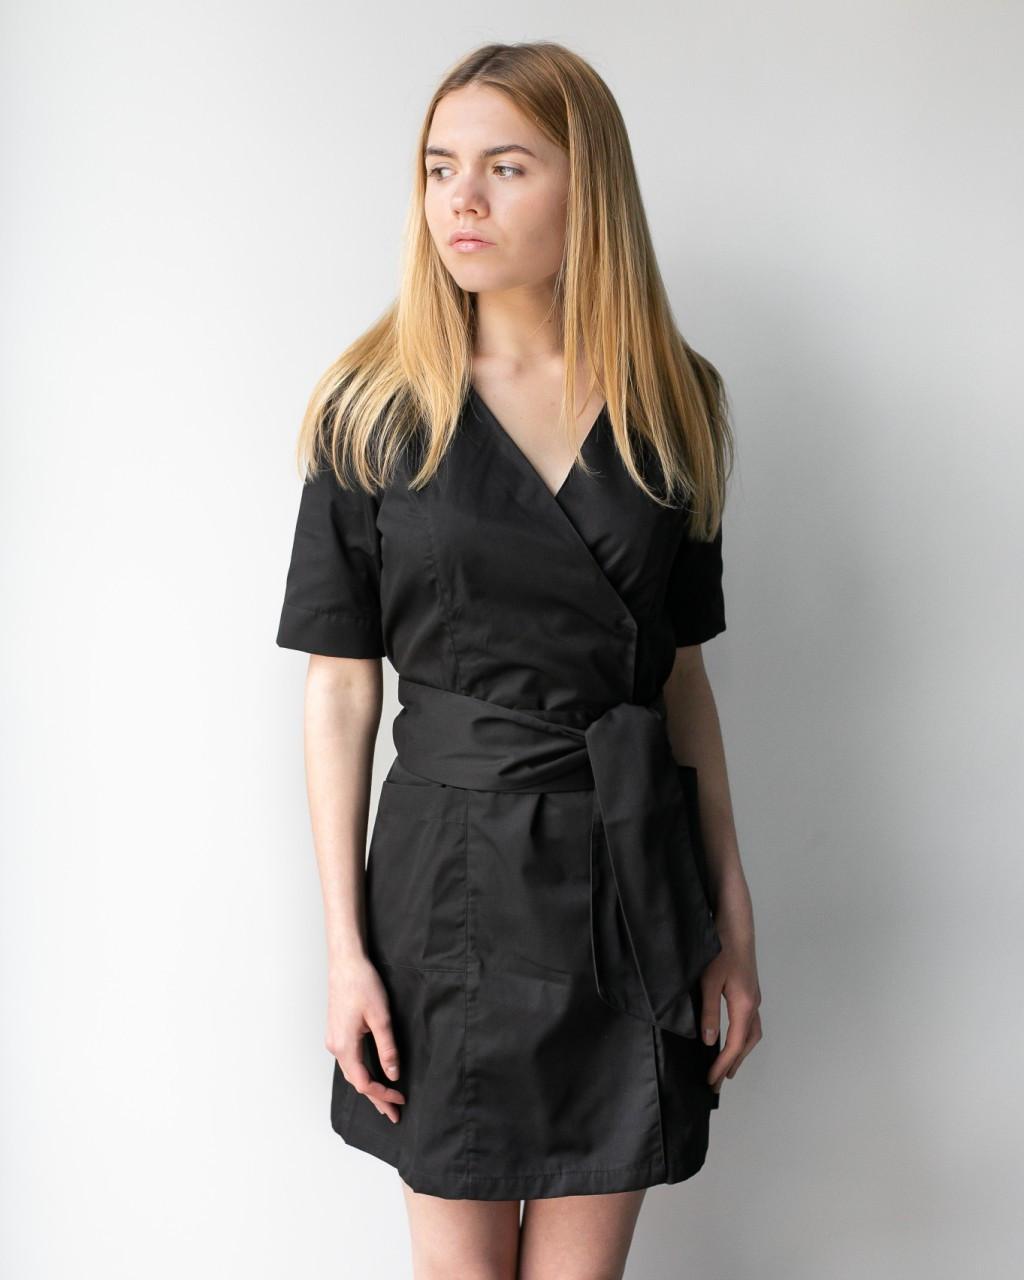 Женский медицинский халат Токио чёрный